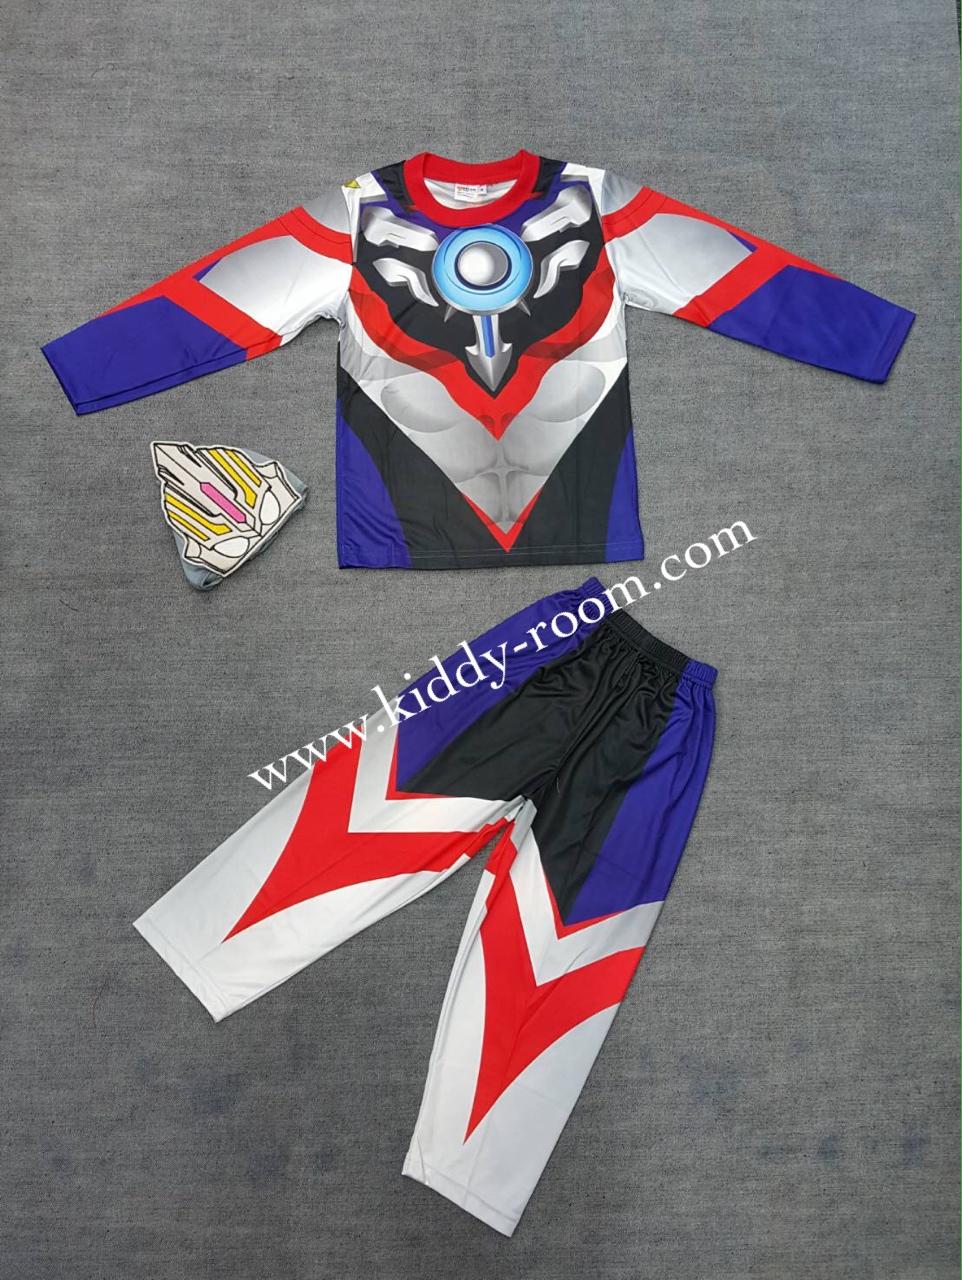 Ultraman Orb (งานลิขสิทธิ์) ชุดแฟนซีเด็กอุลตร้าแมน ออร์บ ชุด 3 ชิ้น เสื้อ กางเกง และหน้ากาก ให้คุณหนูๆ ได้ใส่ตามจิตนาการ ผ้ามัน Polyester ใส่สบายค่ะ หรือจะใส่เป็นชุดนอนก็ได้ค่ะ size S, M, L, XL สำเนา